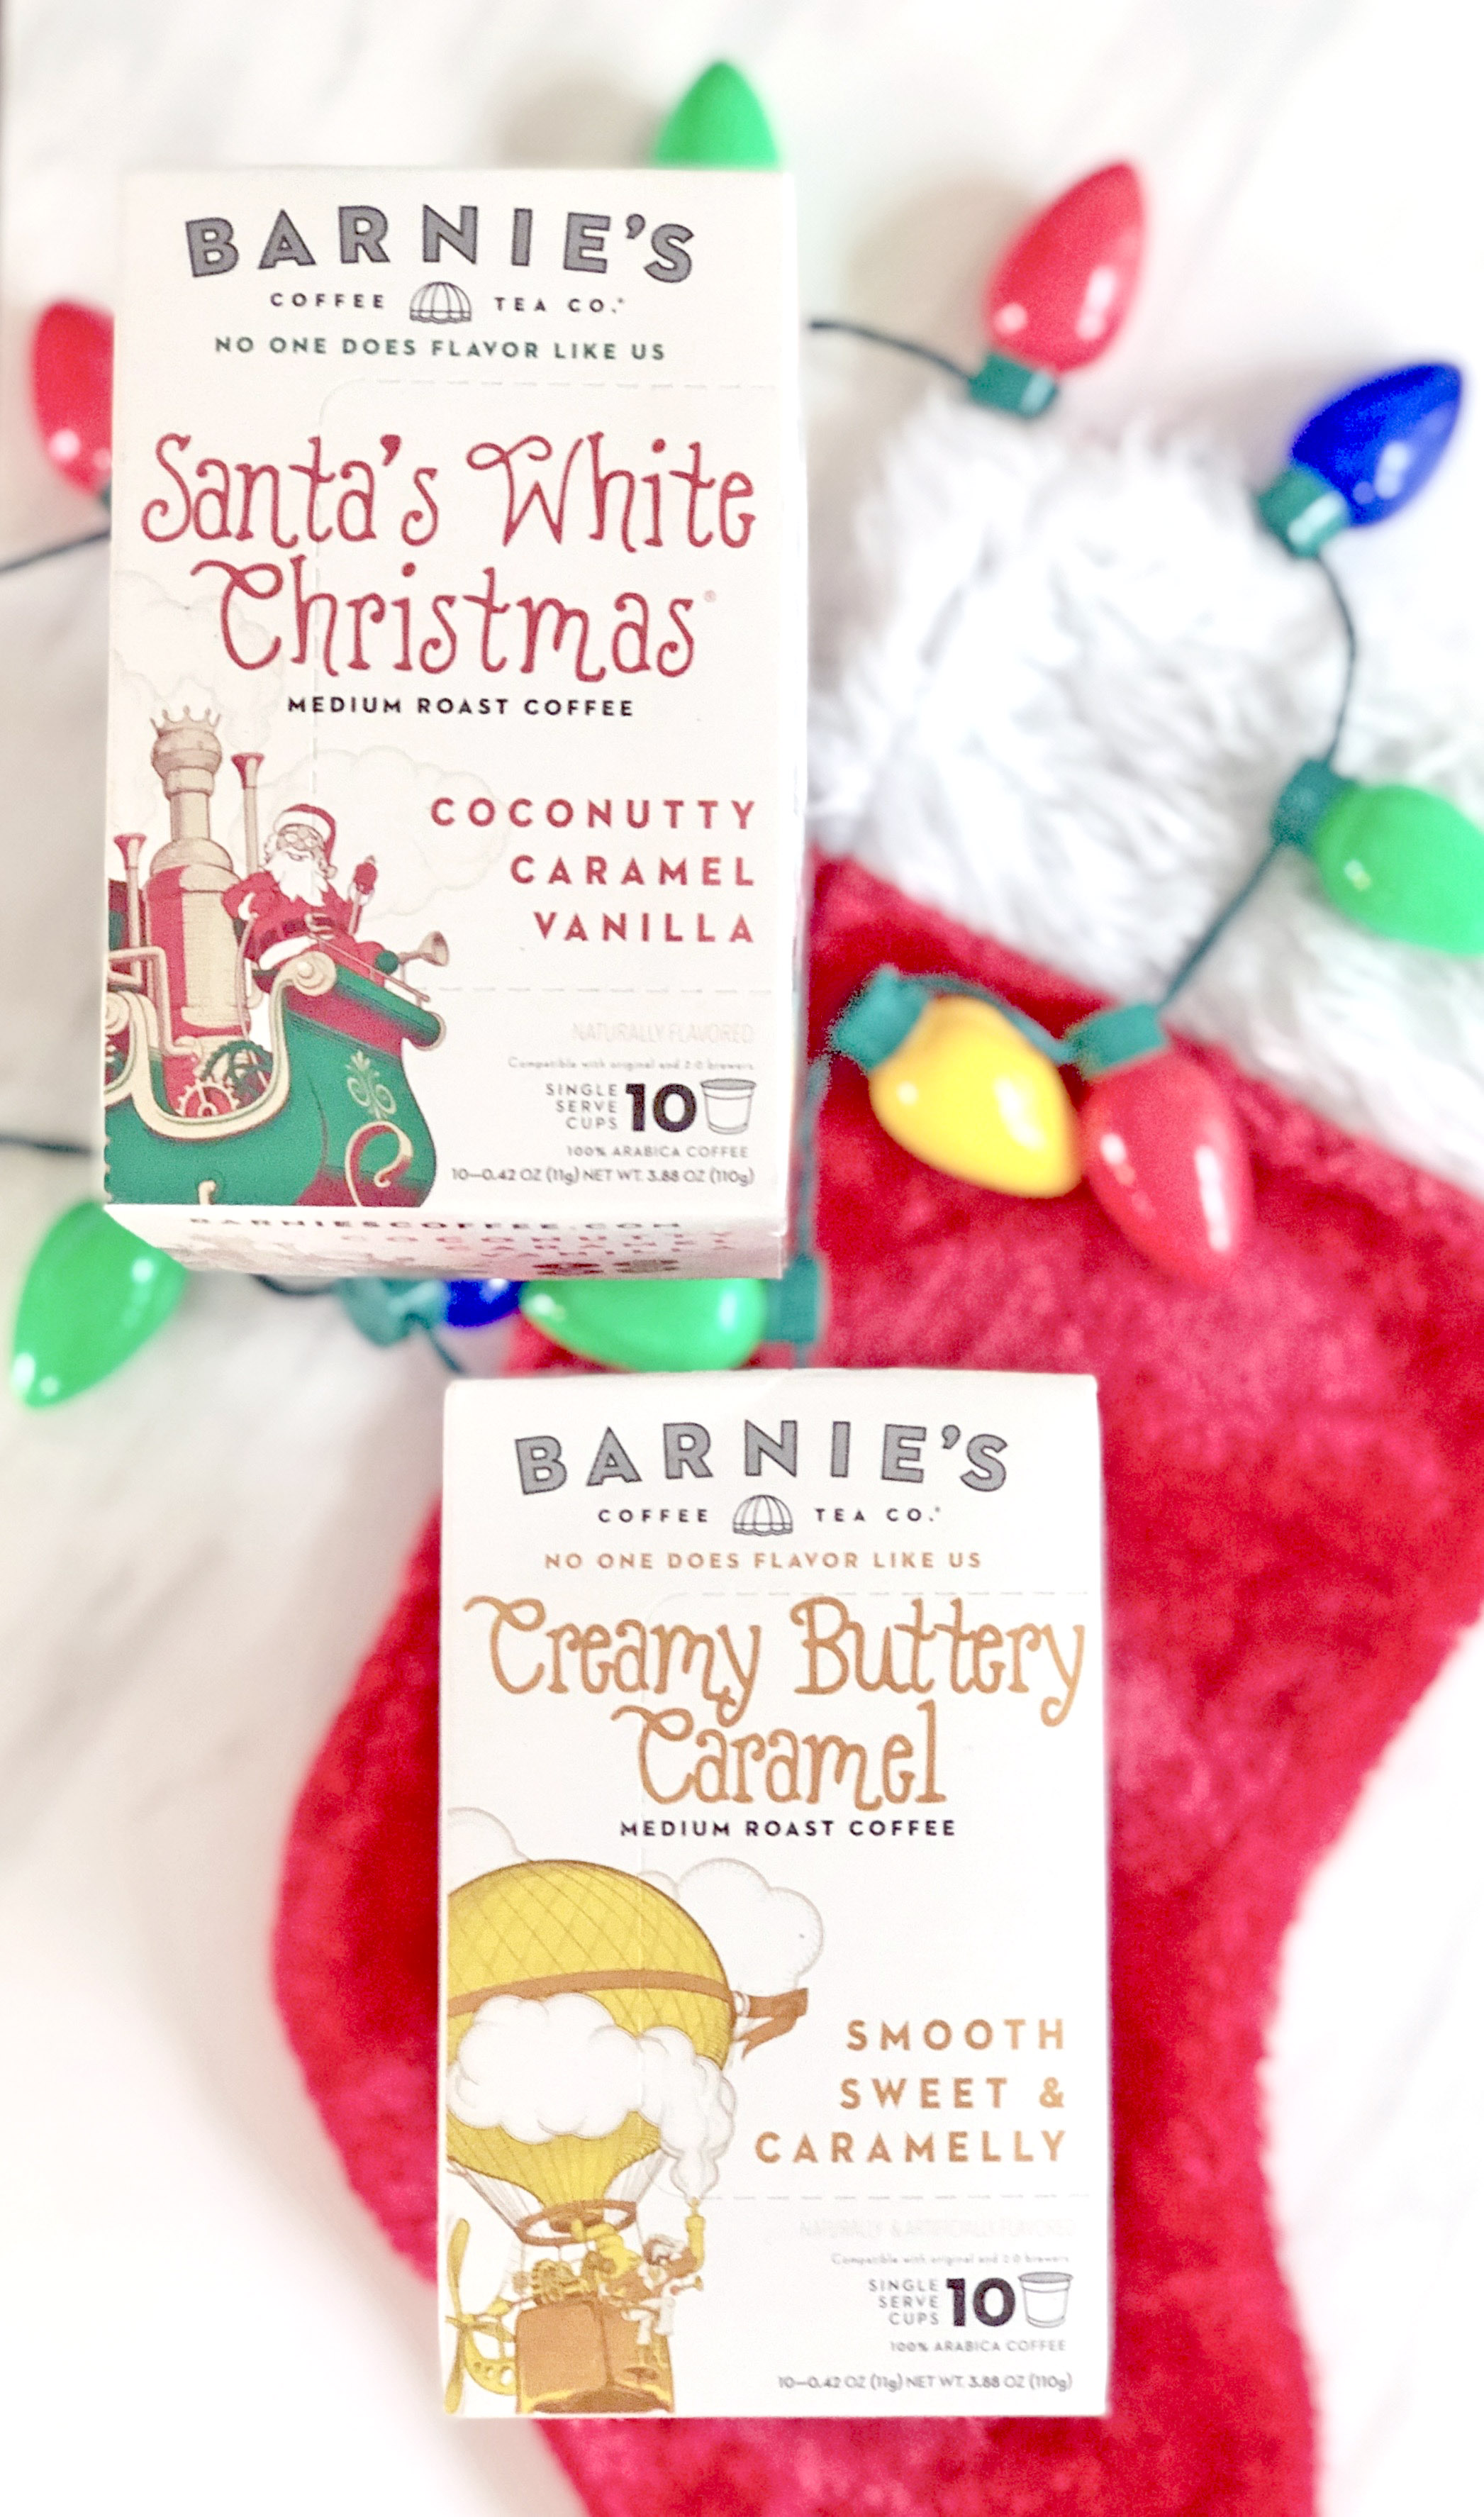 Barnie's